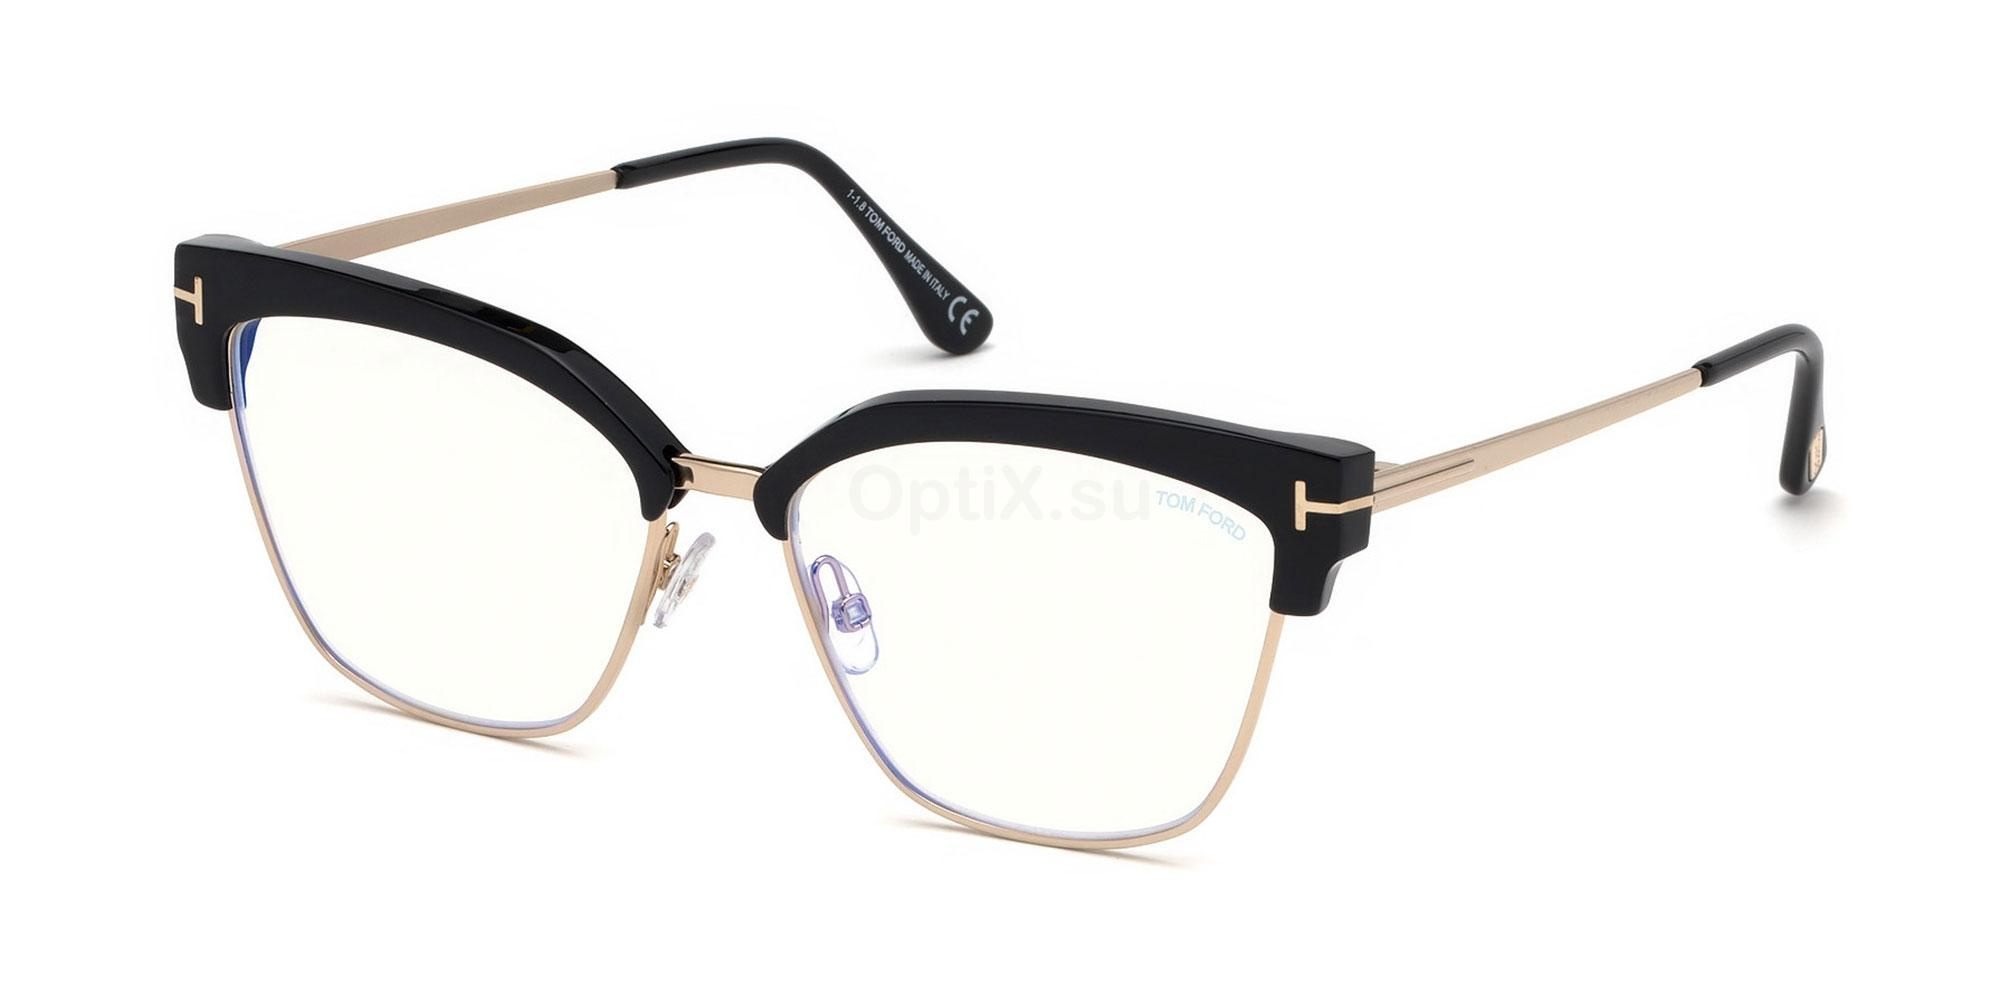 001 FT5547-B Glasses, Tom Ford